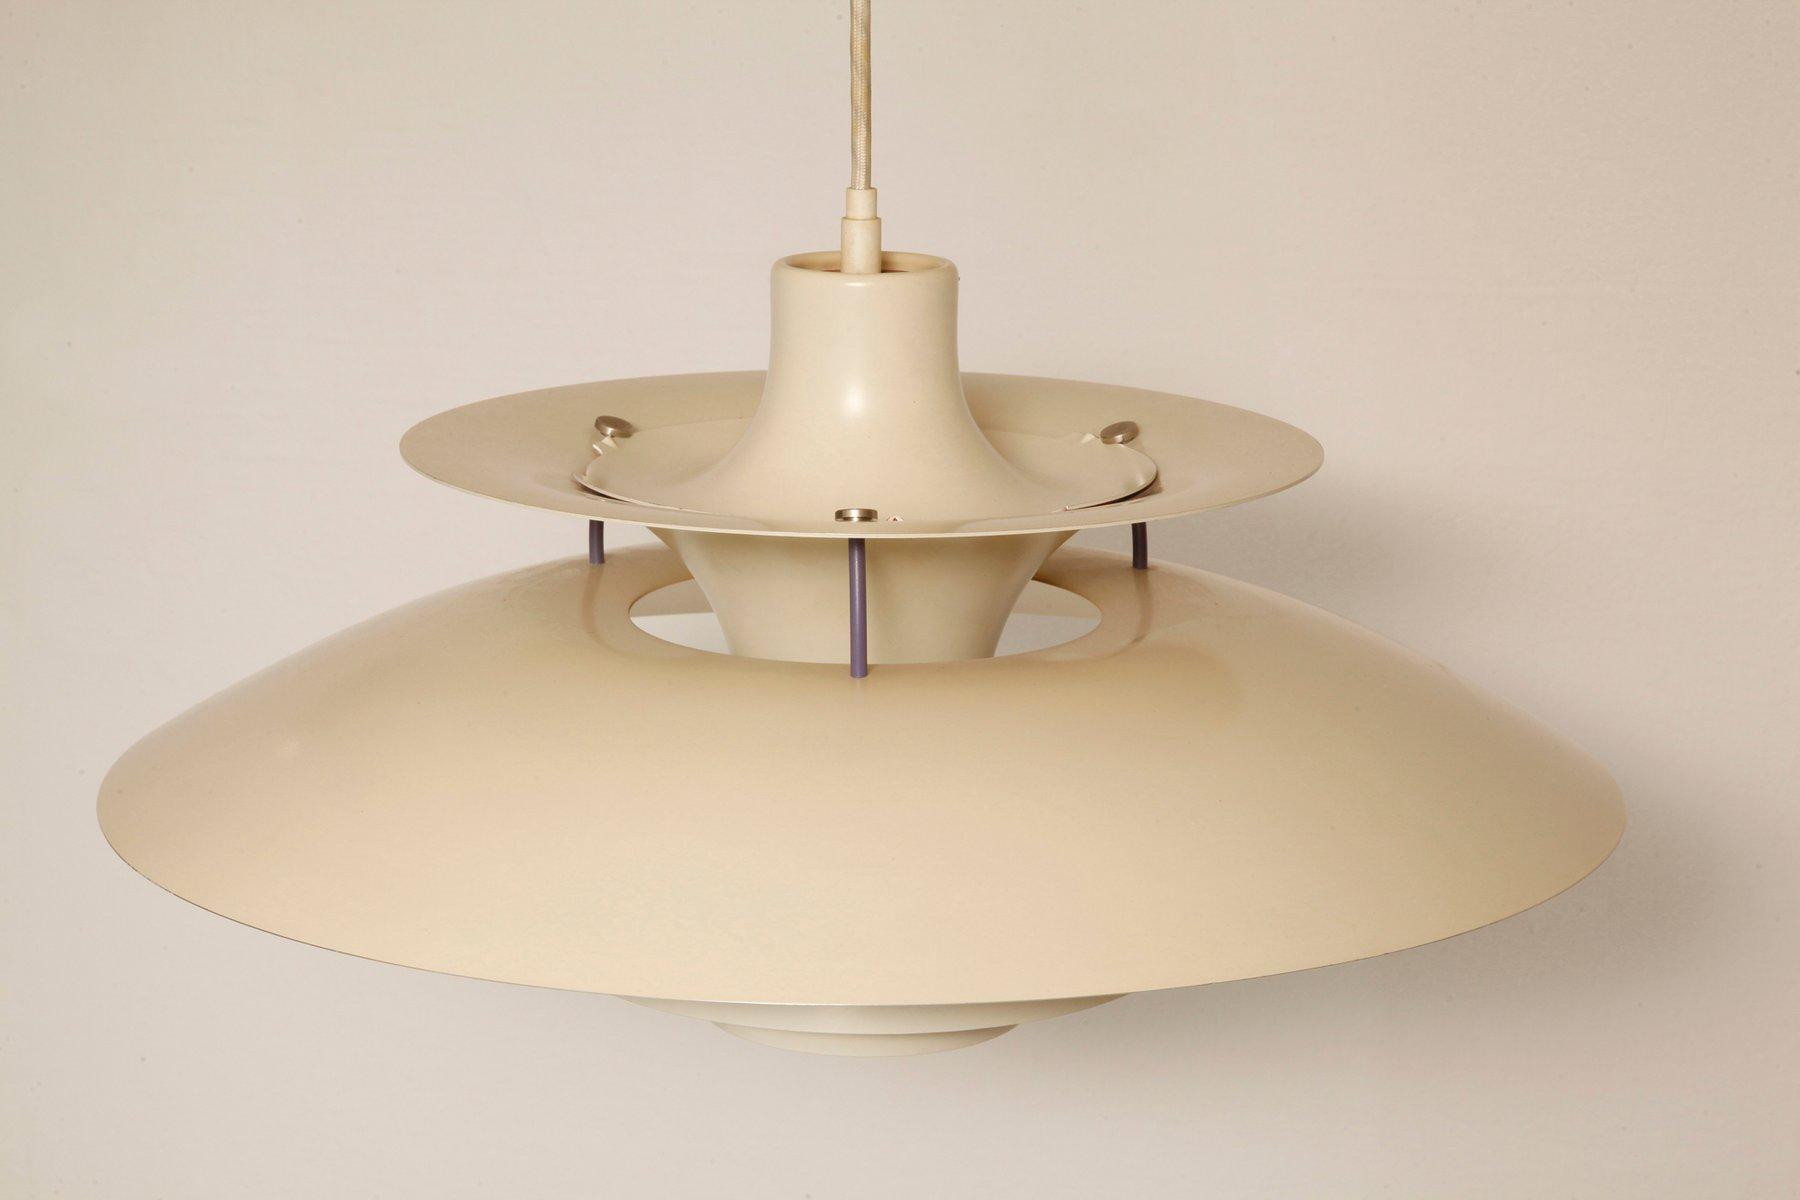 vintage-ph-5-lampe-von-poul-henningsen-fuer-louis-poulsen-2 Schöne Lampe Mit Mehreren Lampenschirmen Dekorationen